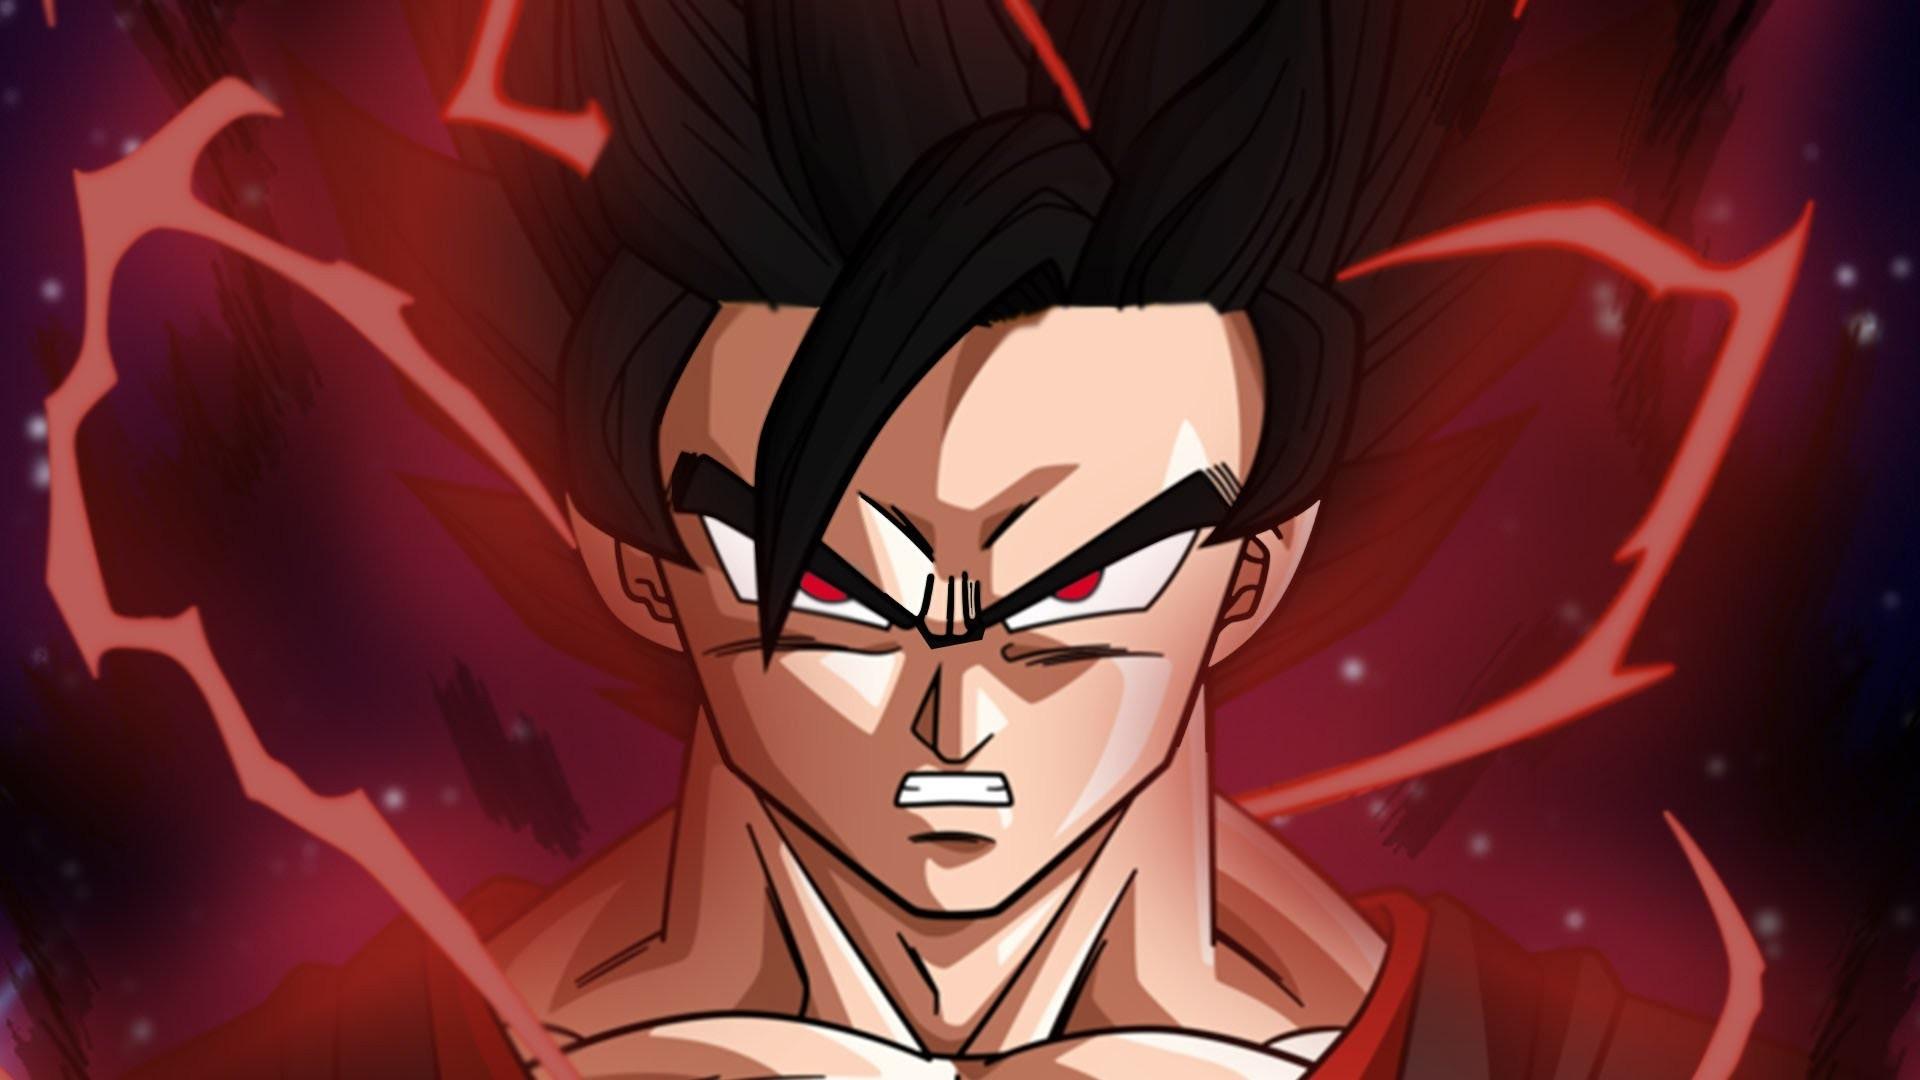 Dragon Ball Super Live Wallpaper Iphone X Black Goku Hd Wallpaper 2019 Live Wallpaper Hd